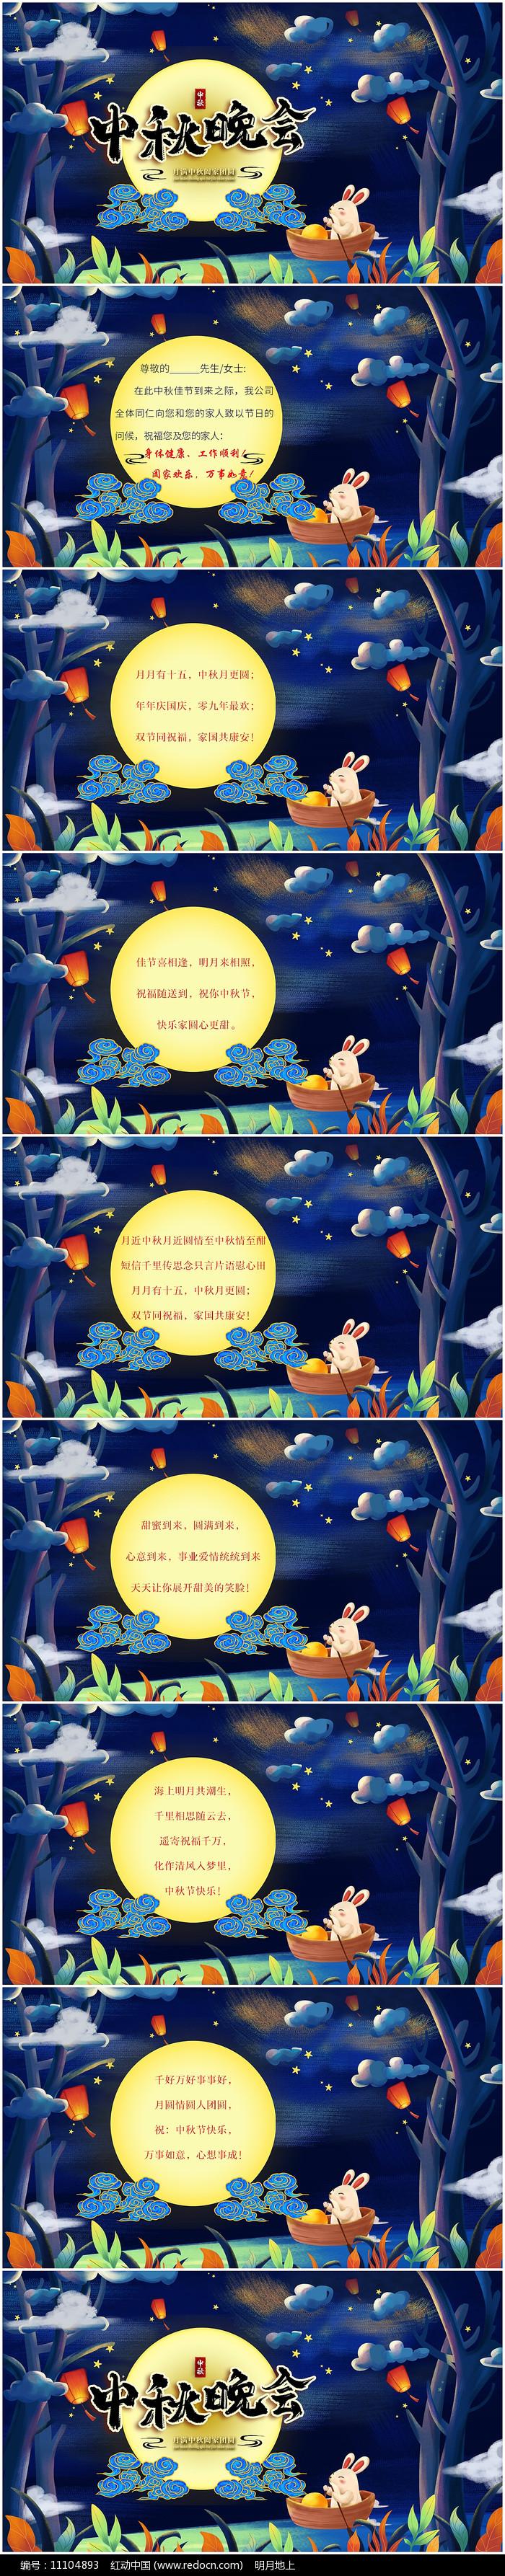 中国传统节日情满中秋主题中秋节贺卡ppt图片